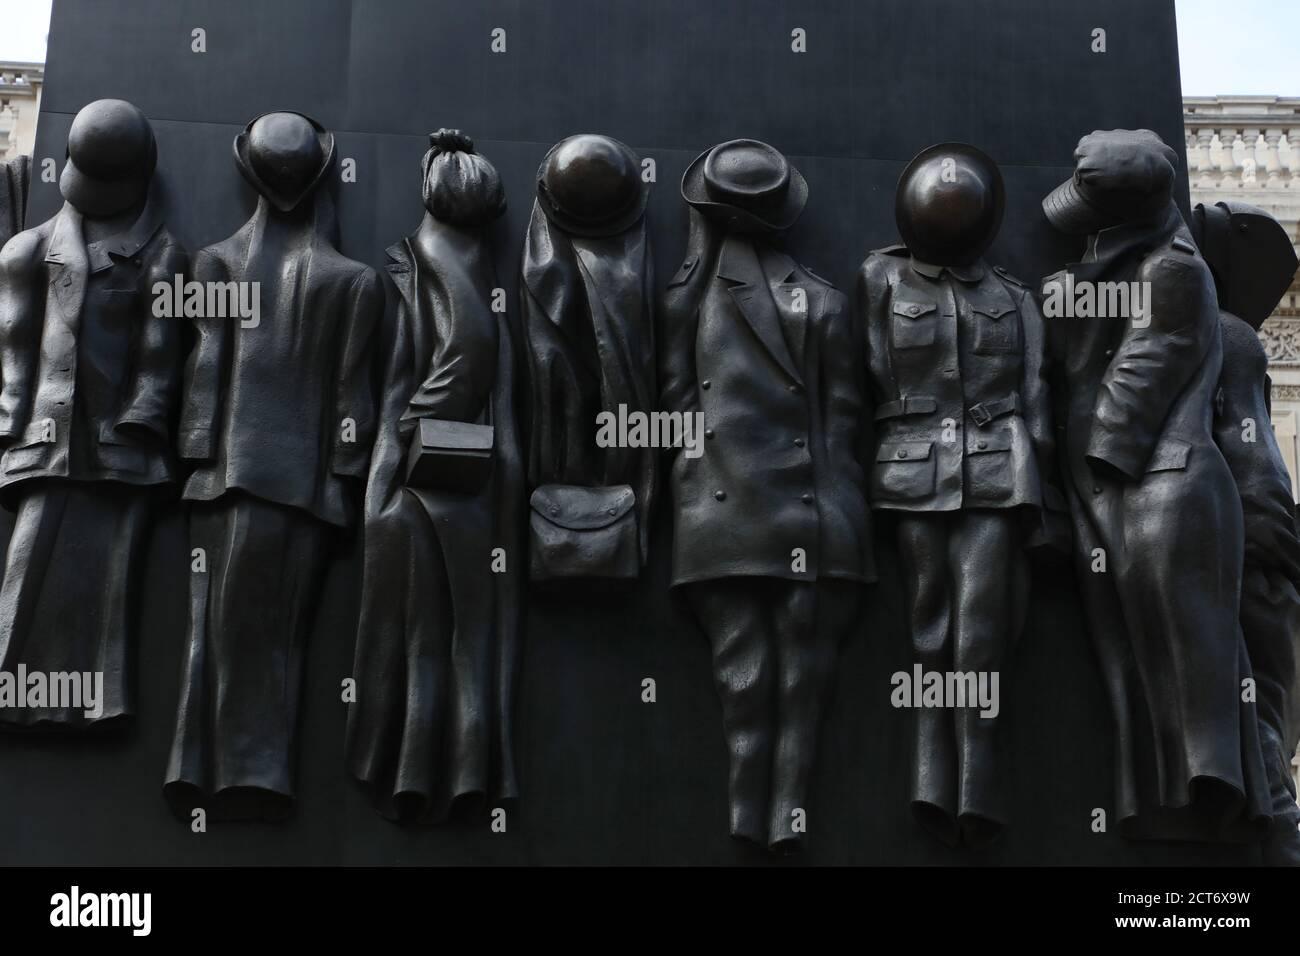 Un gros plan du monument de la guerre en hommage au rôle joué par les femmes pendant la Seconde Guerre mondiale est vu sur Whitehall, Londres, Royaume-Uni. Banque D'Images